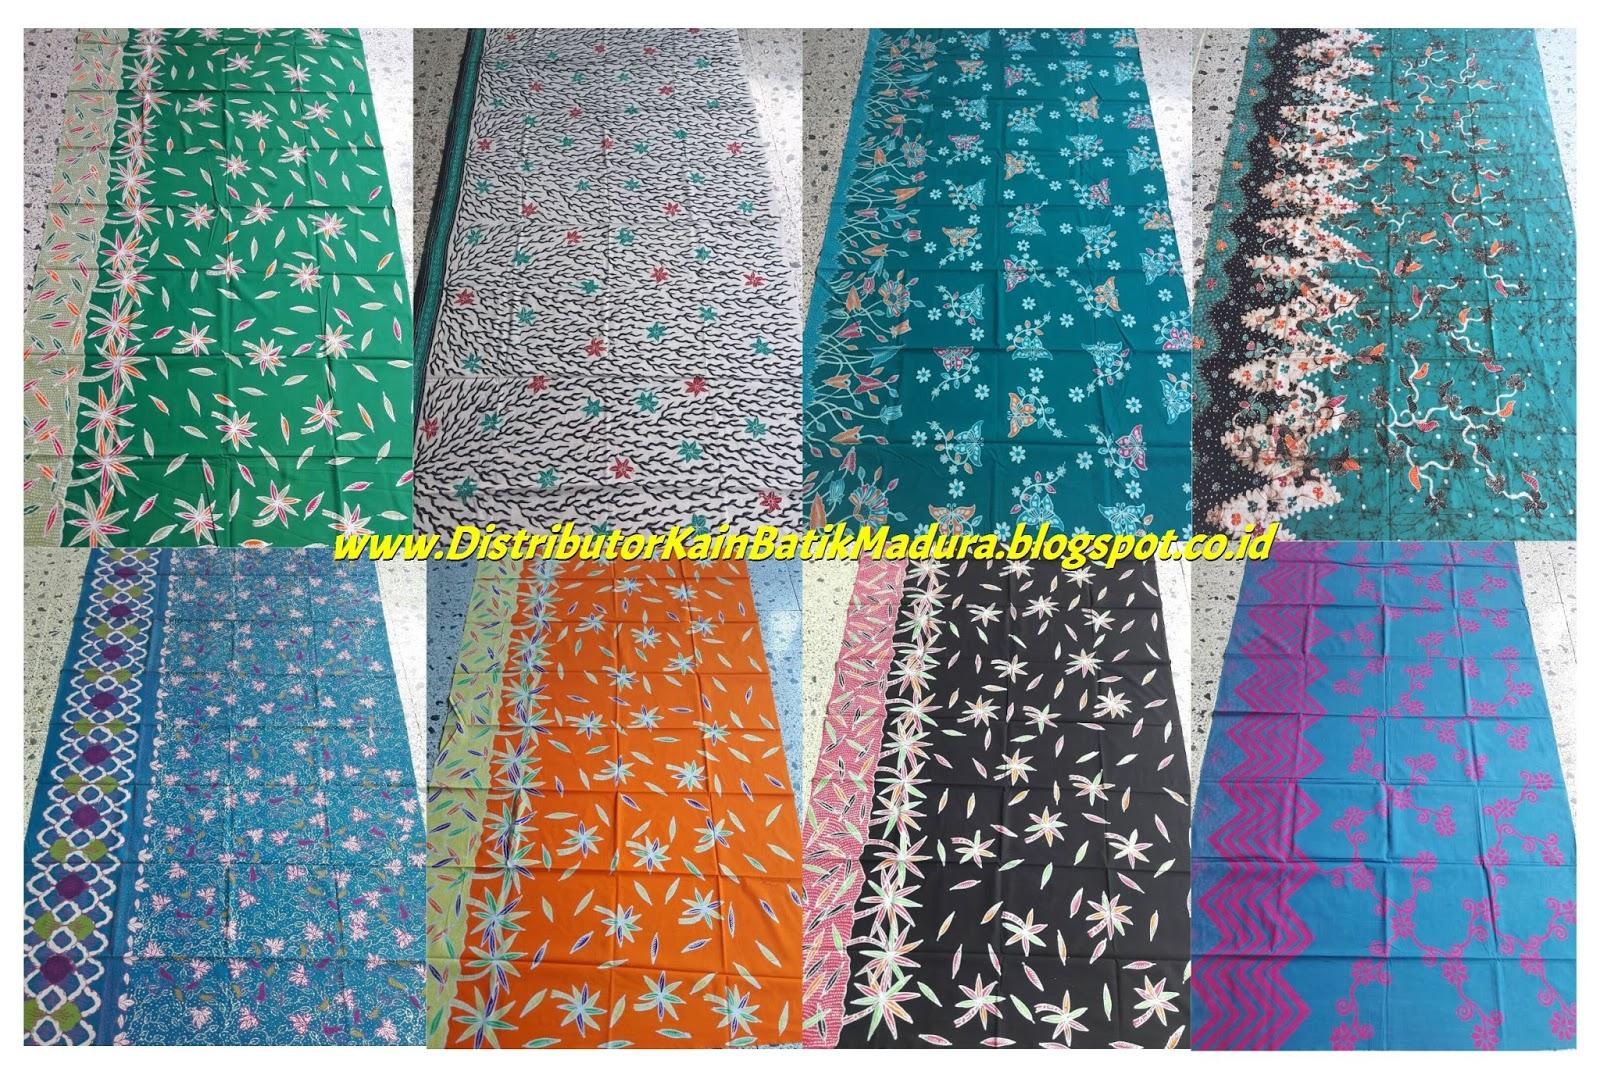 Penjual Kain Batik Madura Jual Kain Batik Meteran Kain Batik